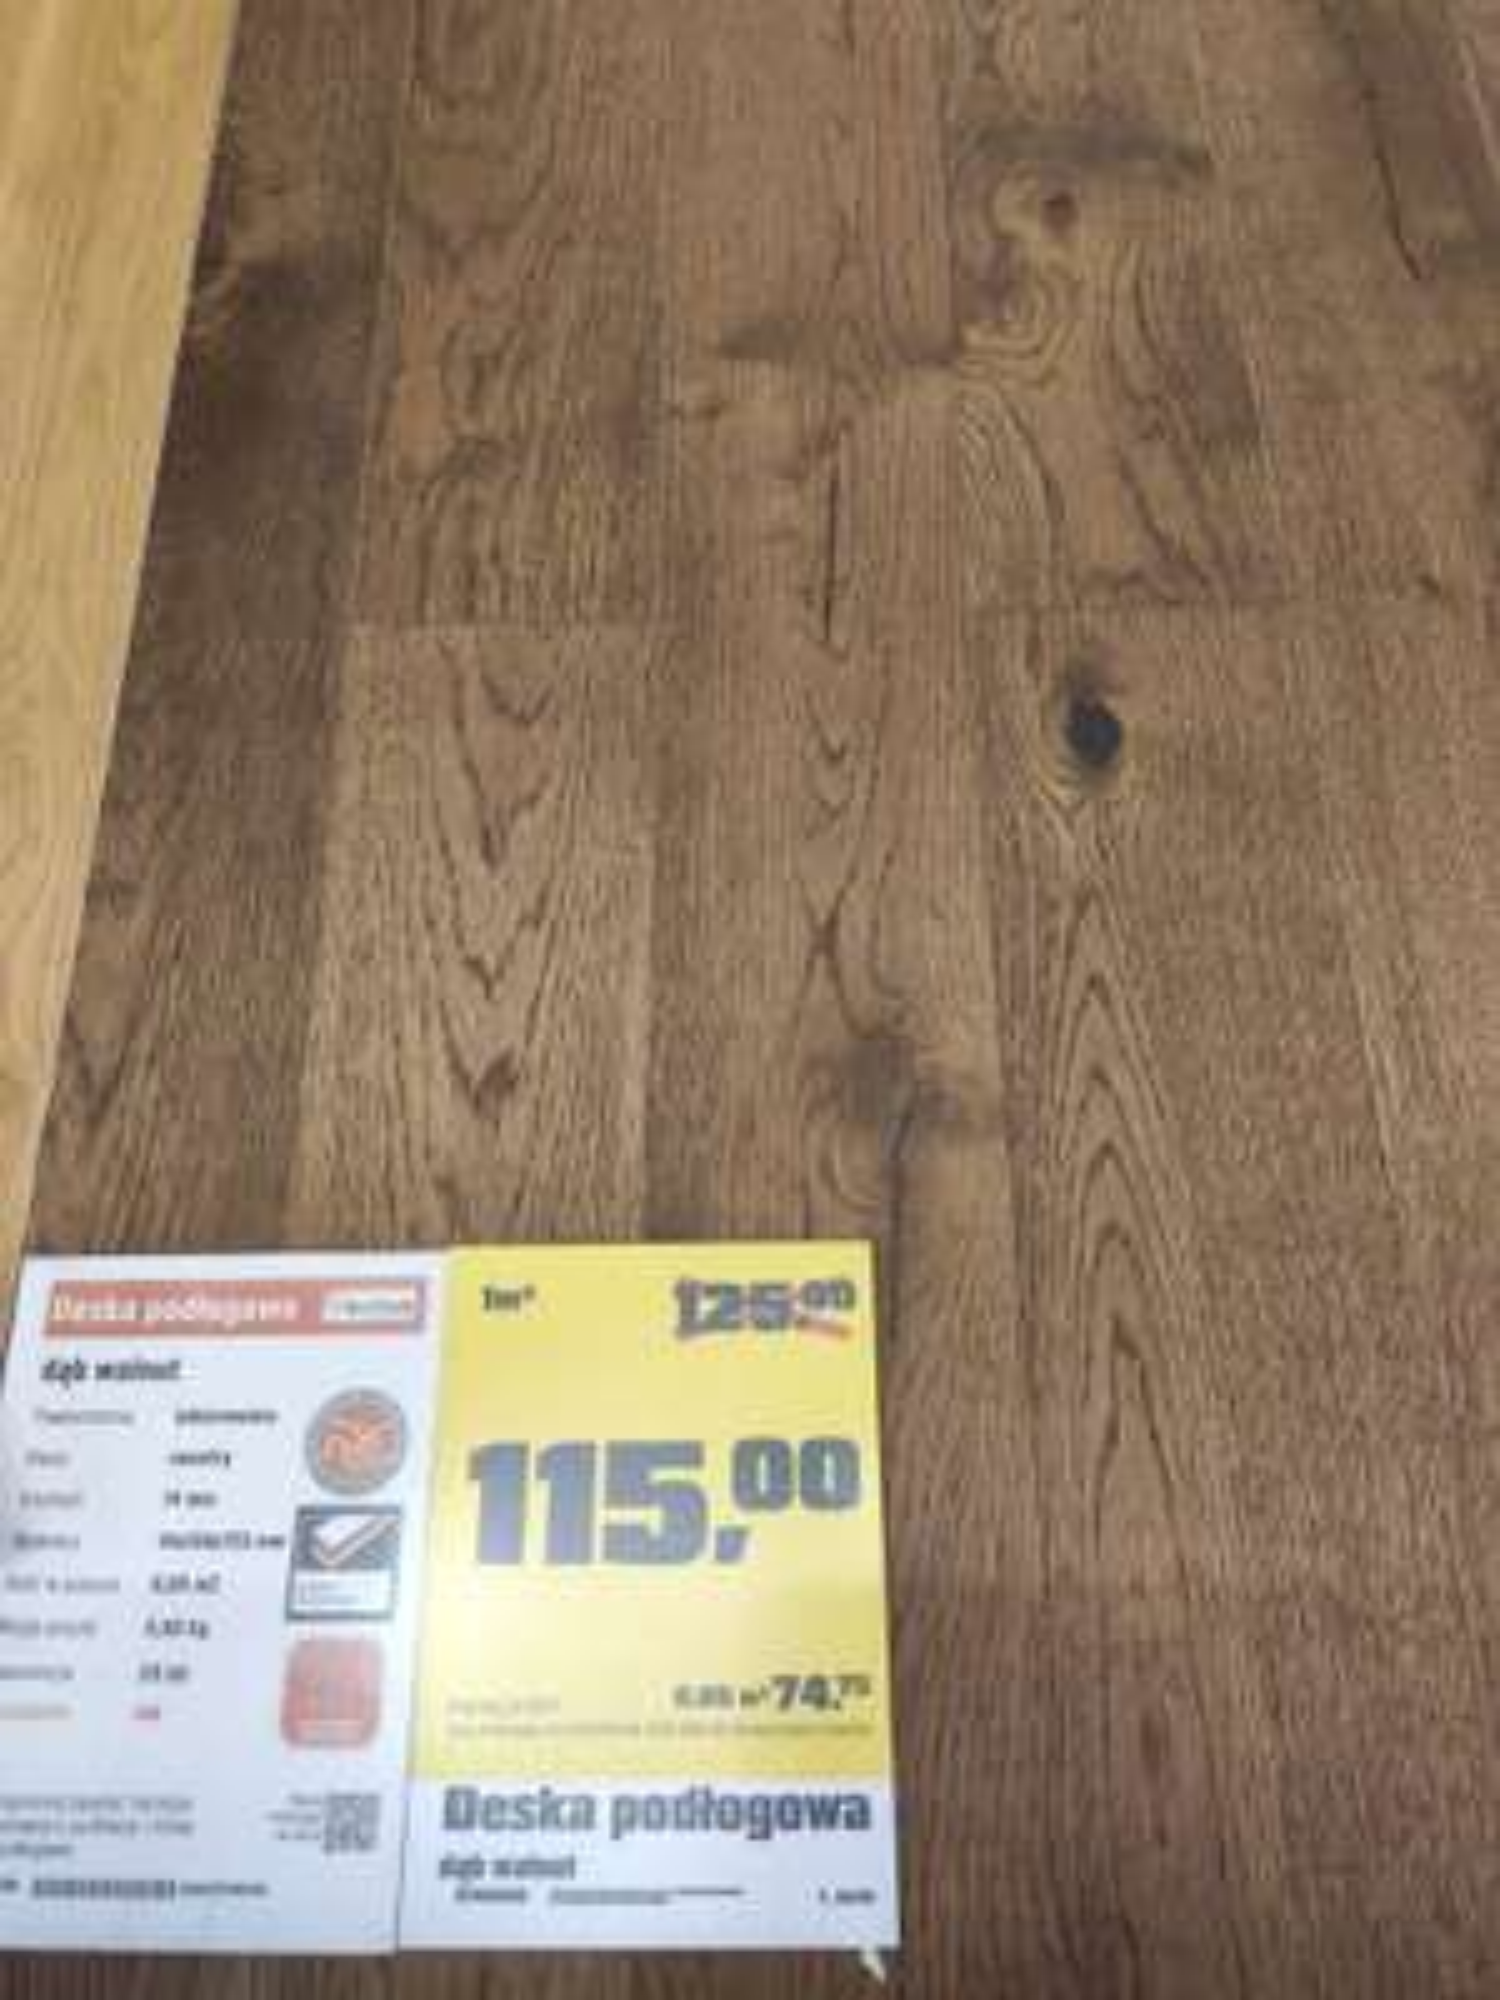 Deska podłogowa dąb walnut 14mm x 130mm x 725mm